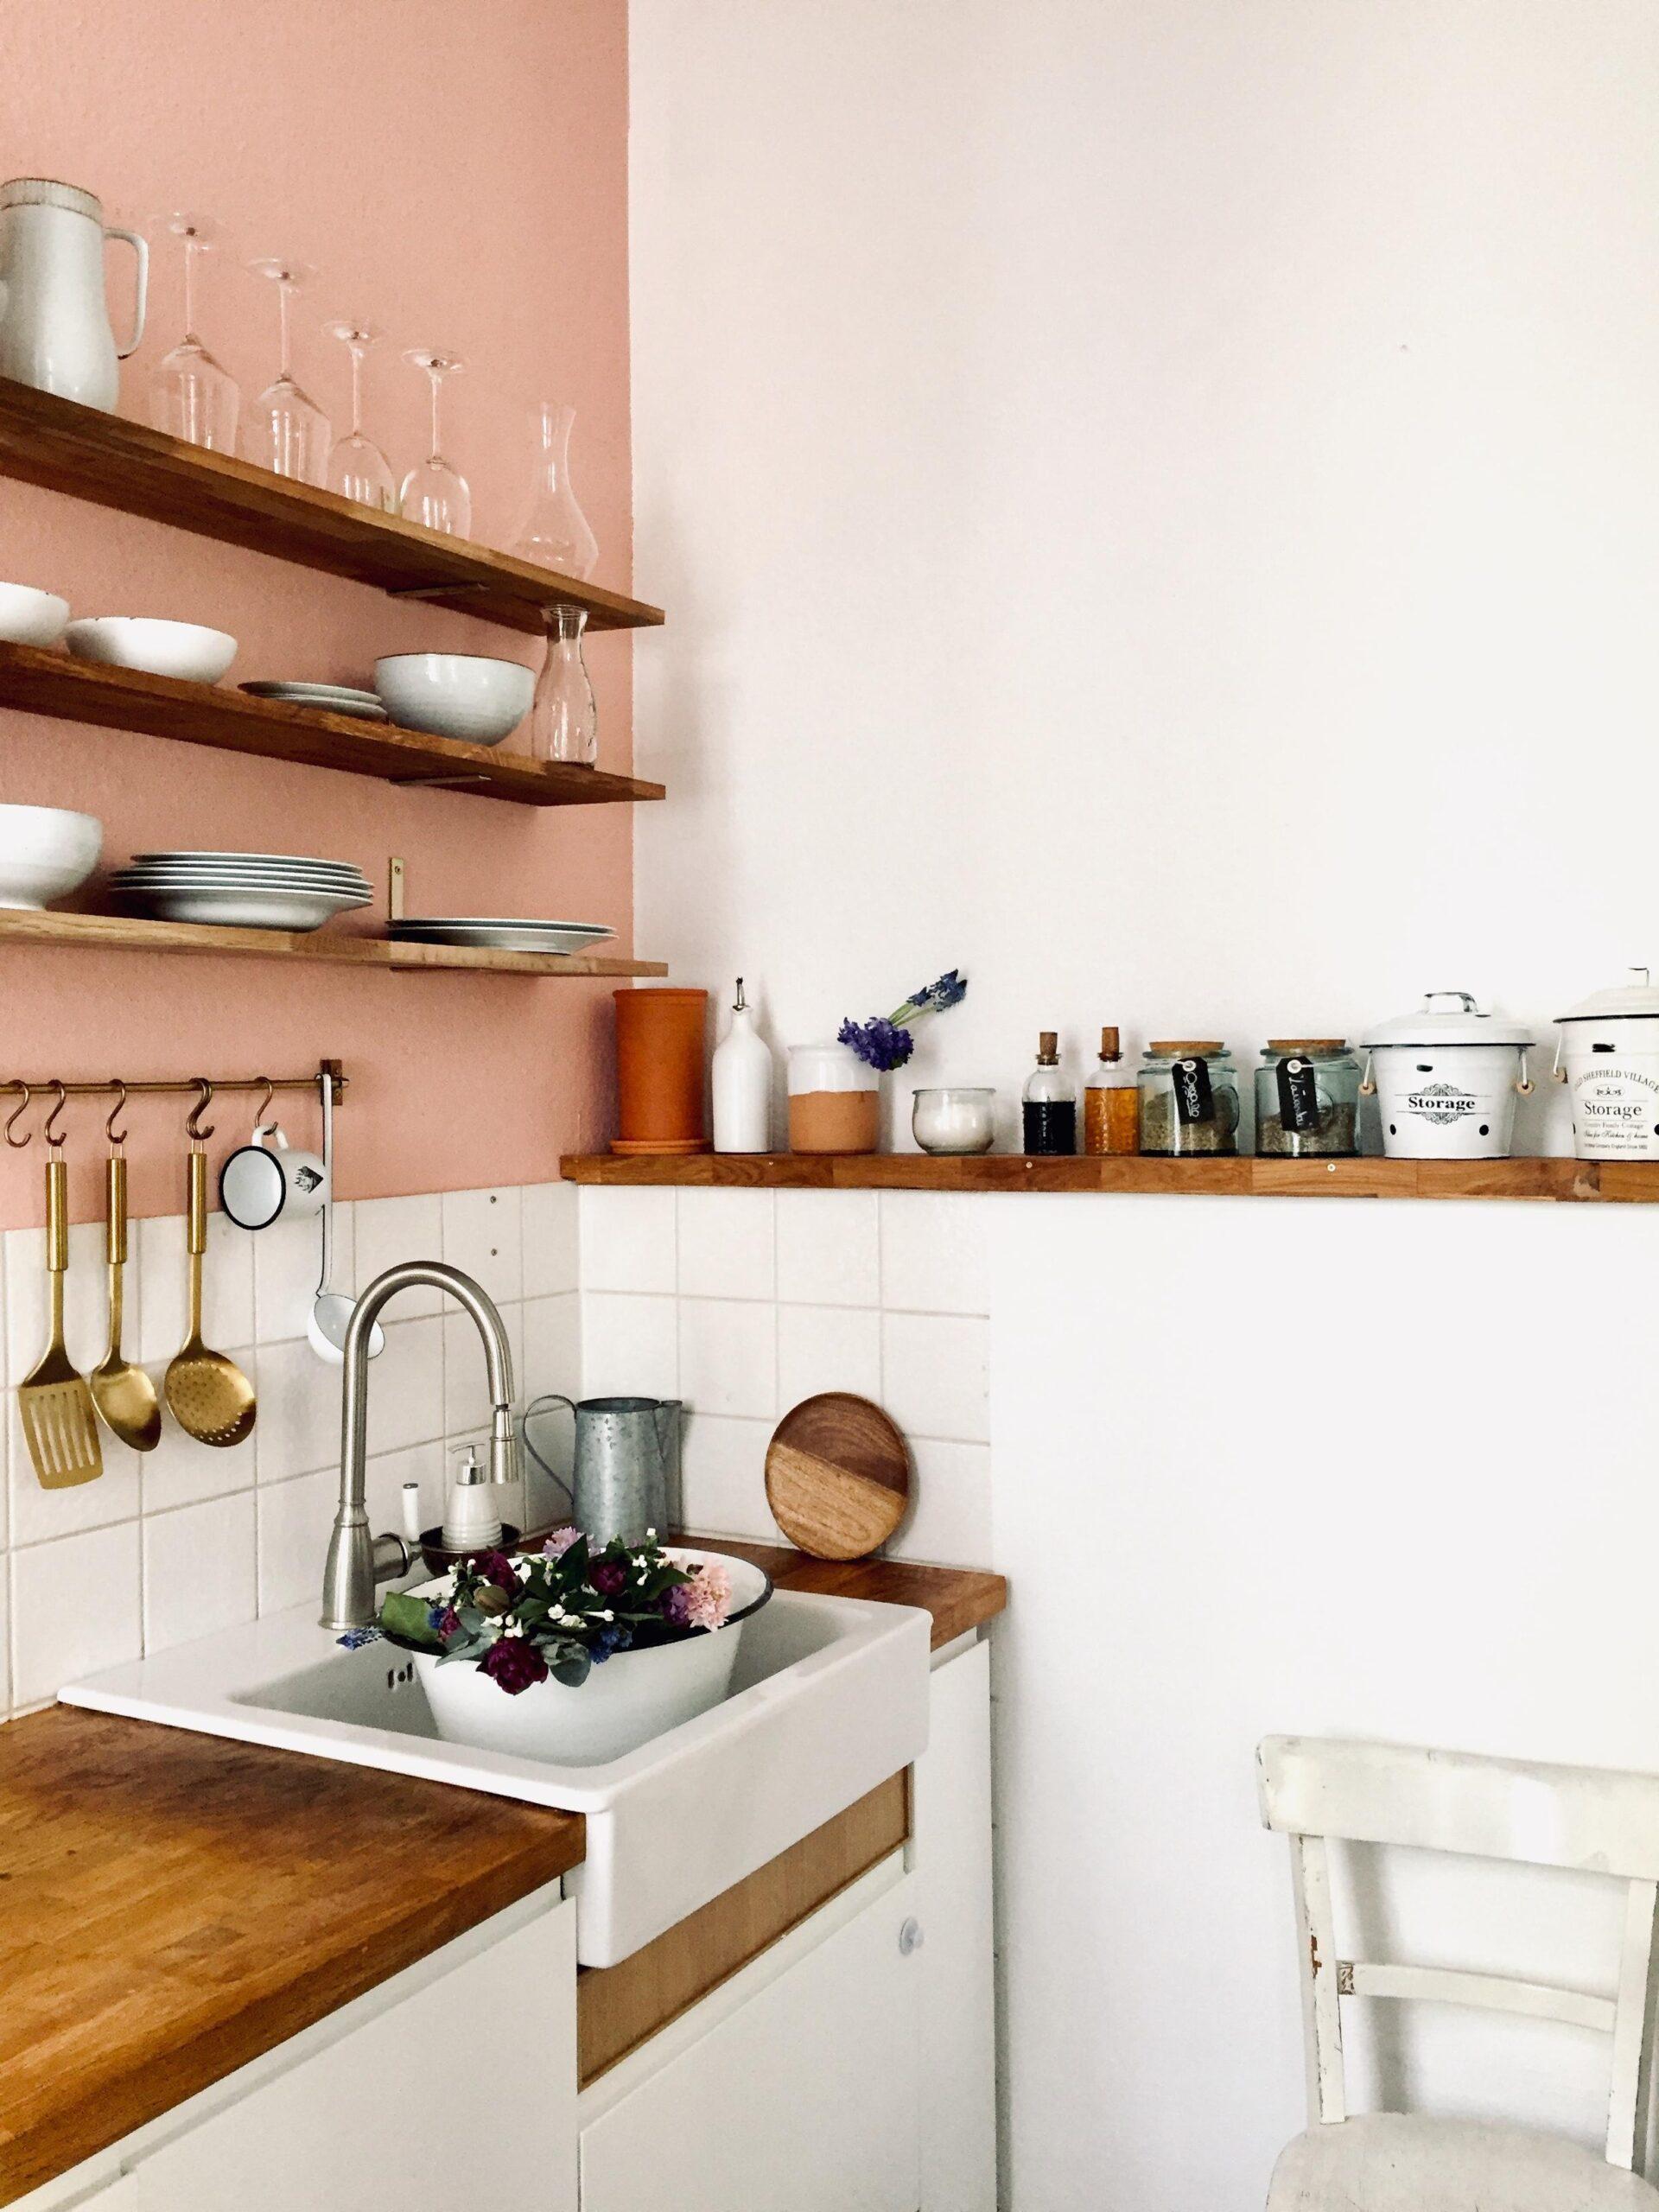 Full Size of Weiße Küche Wandfarbe Farbe In Der Kche So Wirds Wohnlich Thekentisch Einlegeböden Sideboard Günstige Mit E Geräten Abfallbehälter Grau Hochglanz Wohnzimmer Weiße Küche Wandfarbe